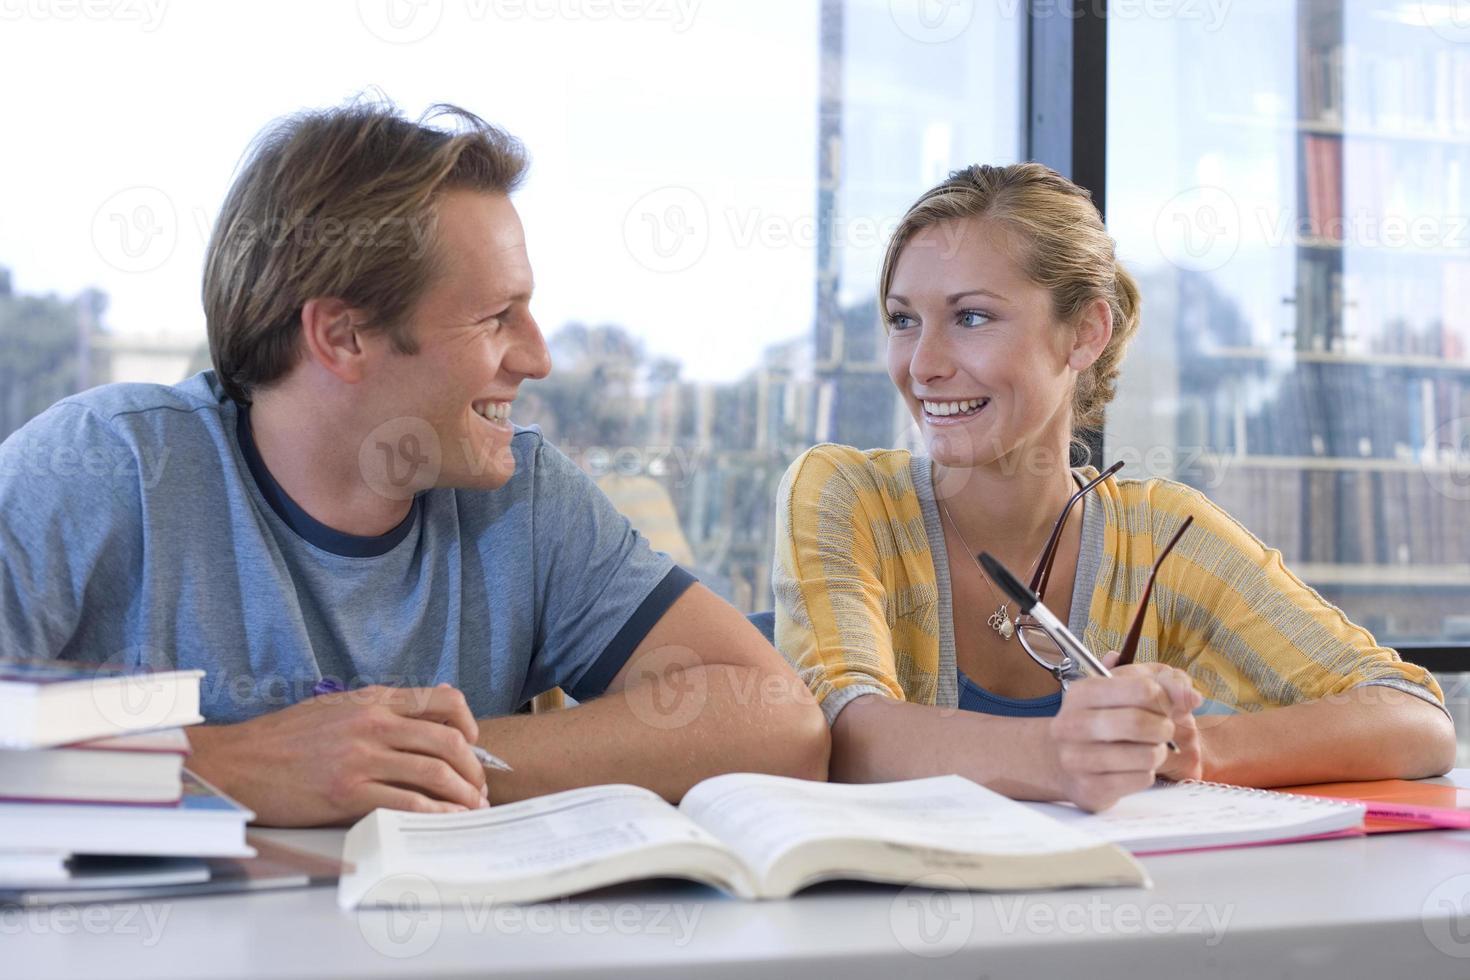 hombre y mujer en el escritorio estudiando el uno al otro, primer plano foto